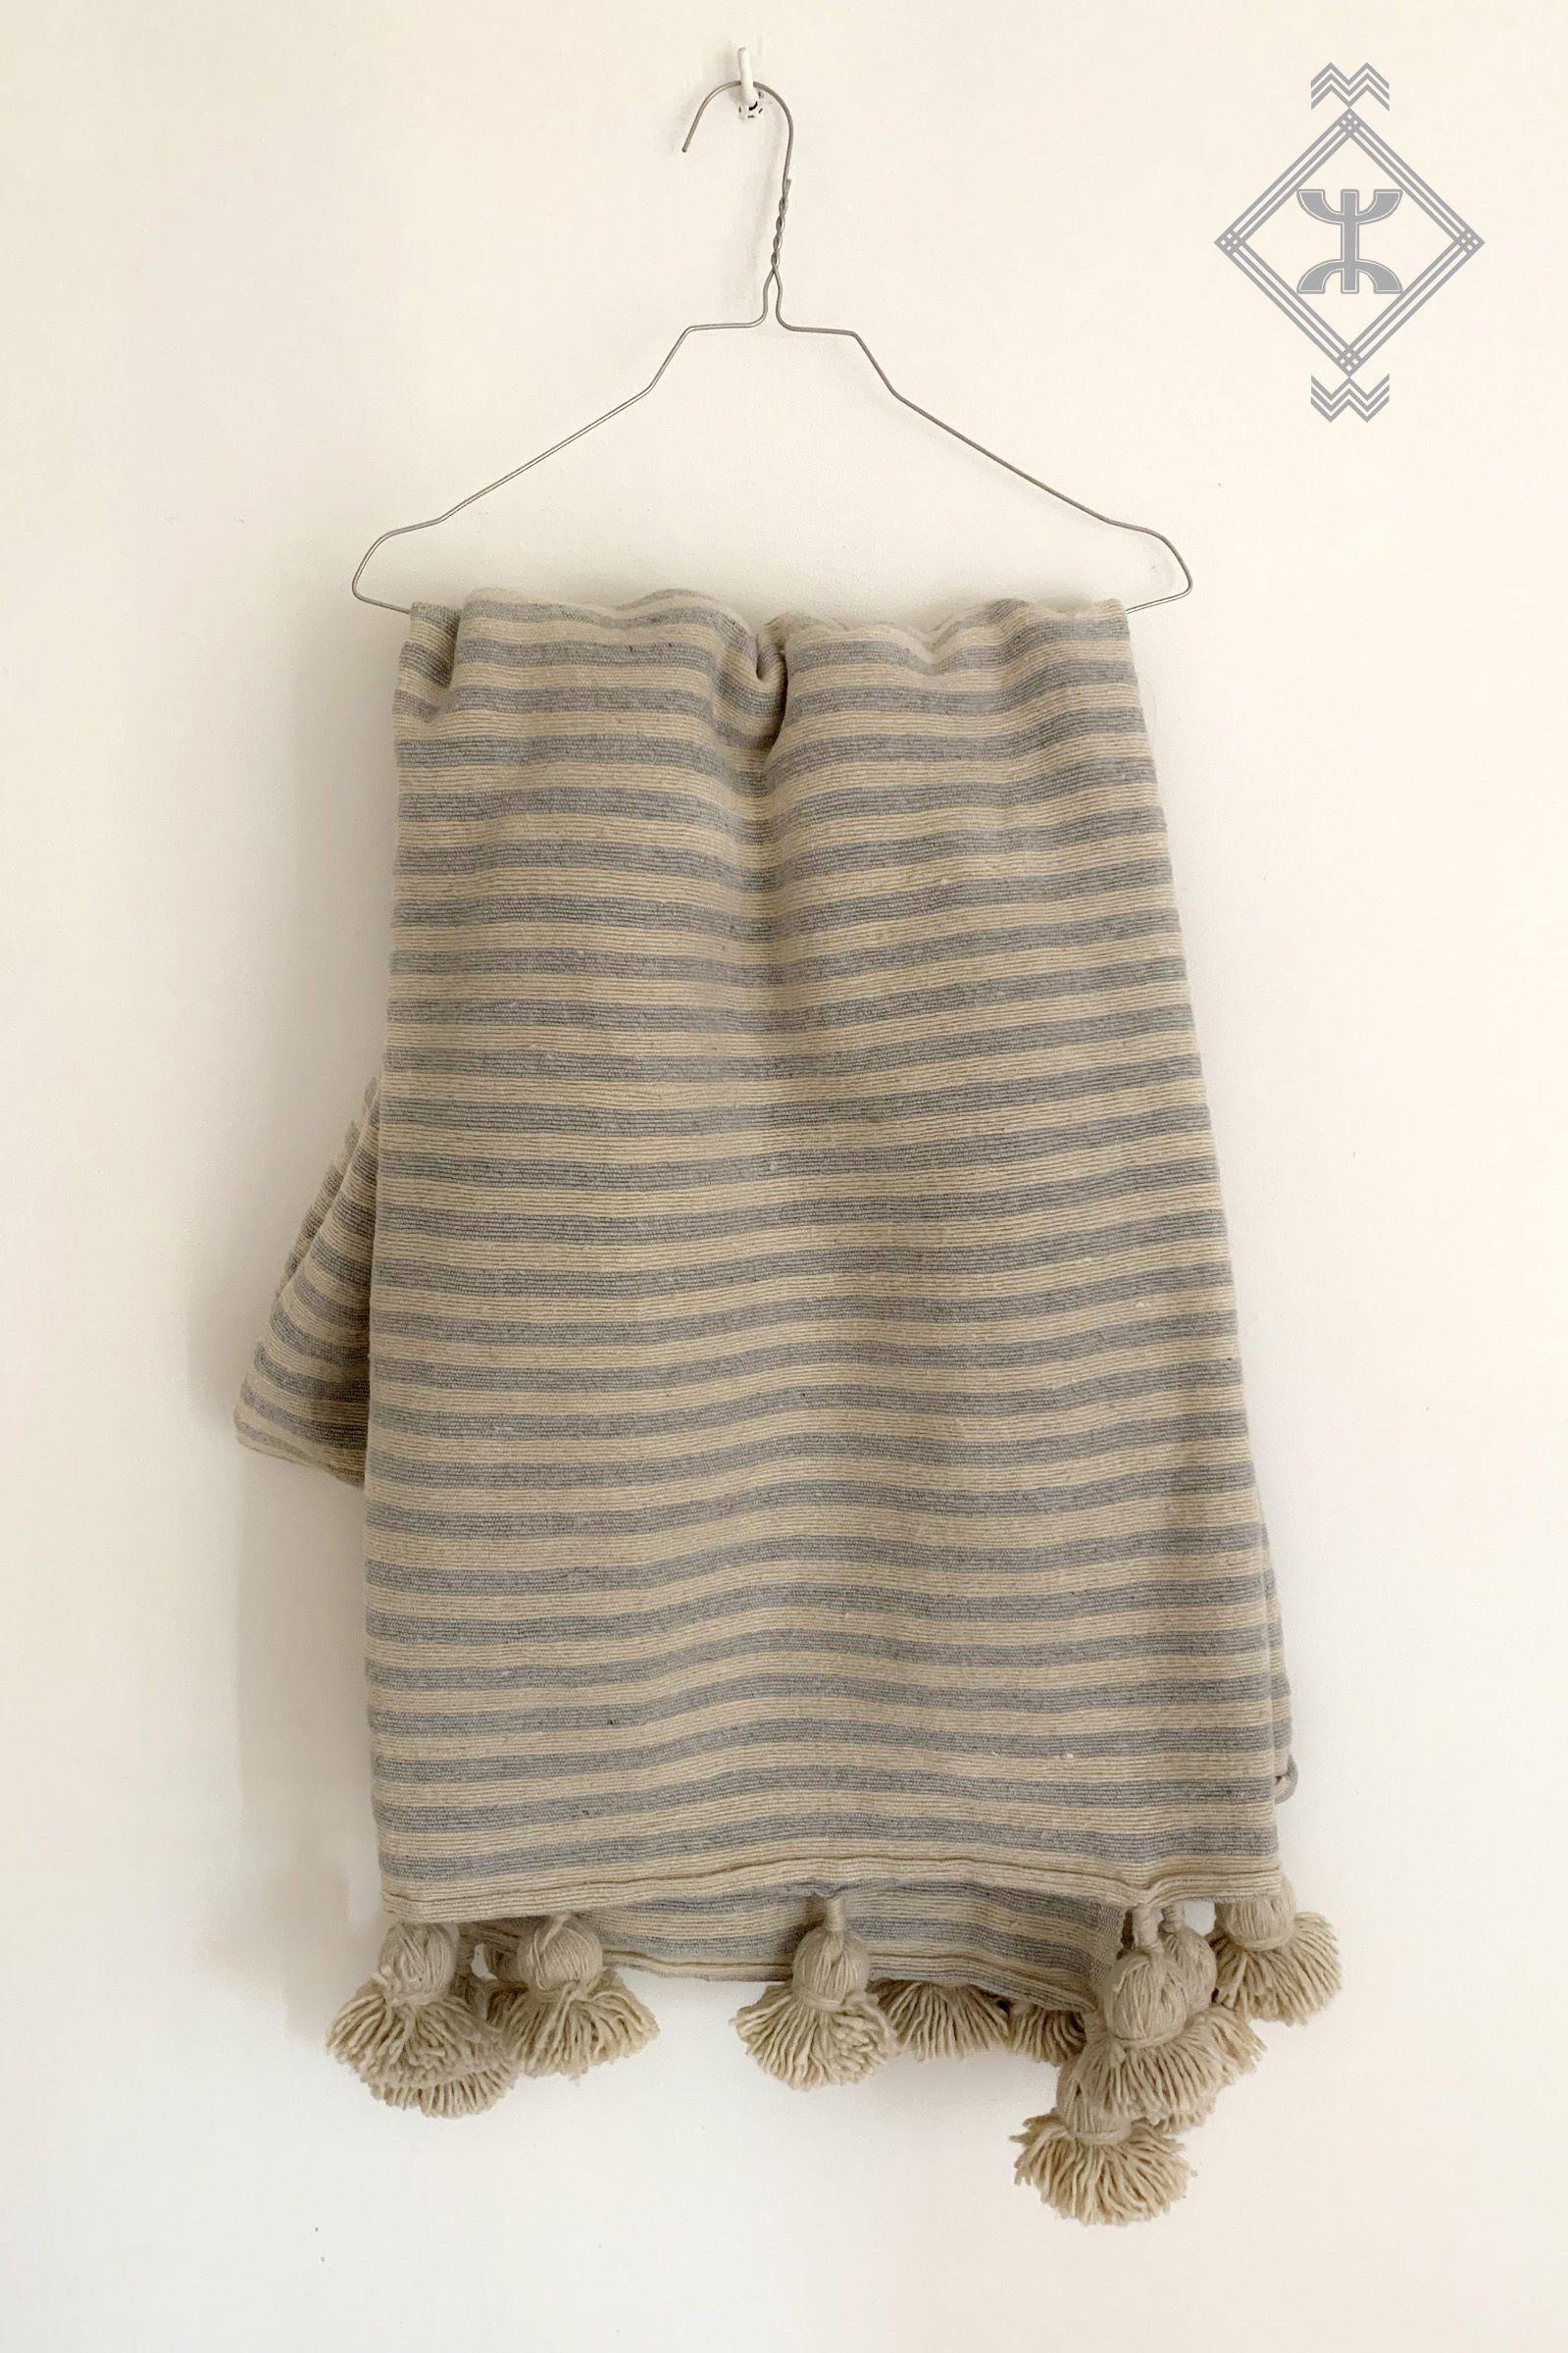 Xl Moroccan Berber Decke Pompoms Handgewebt Baumwolle Streifen